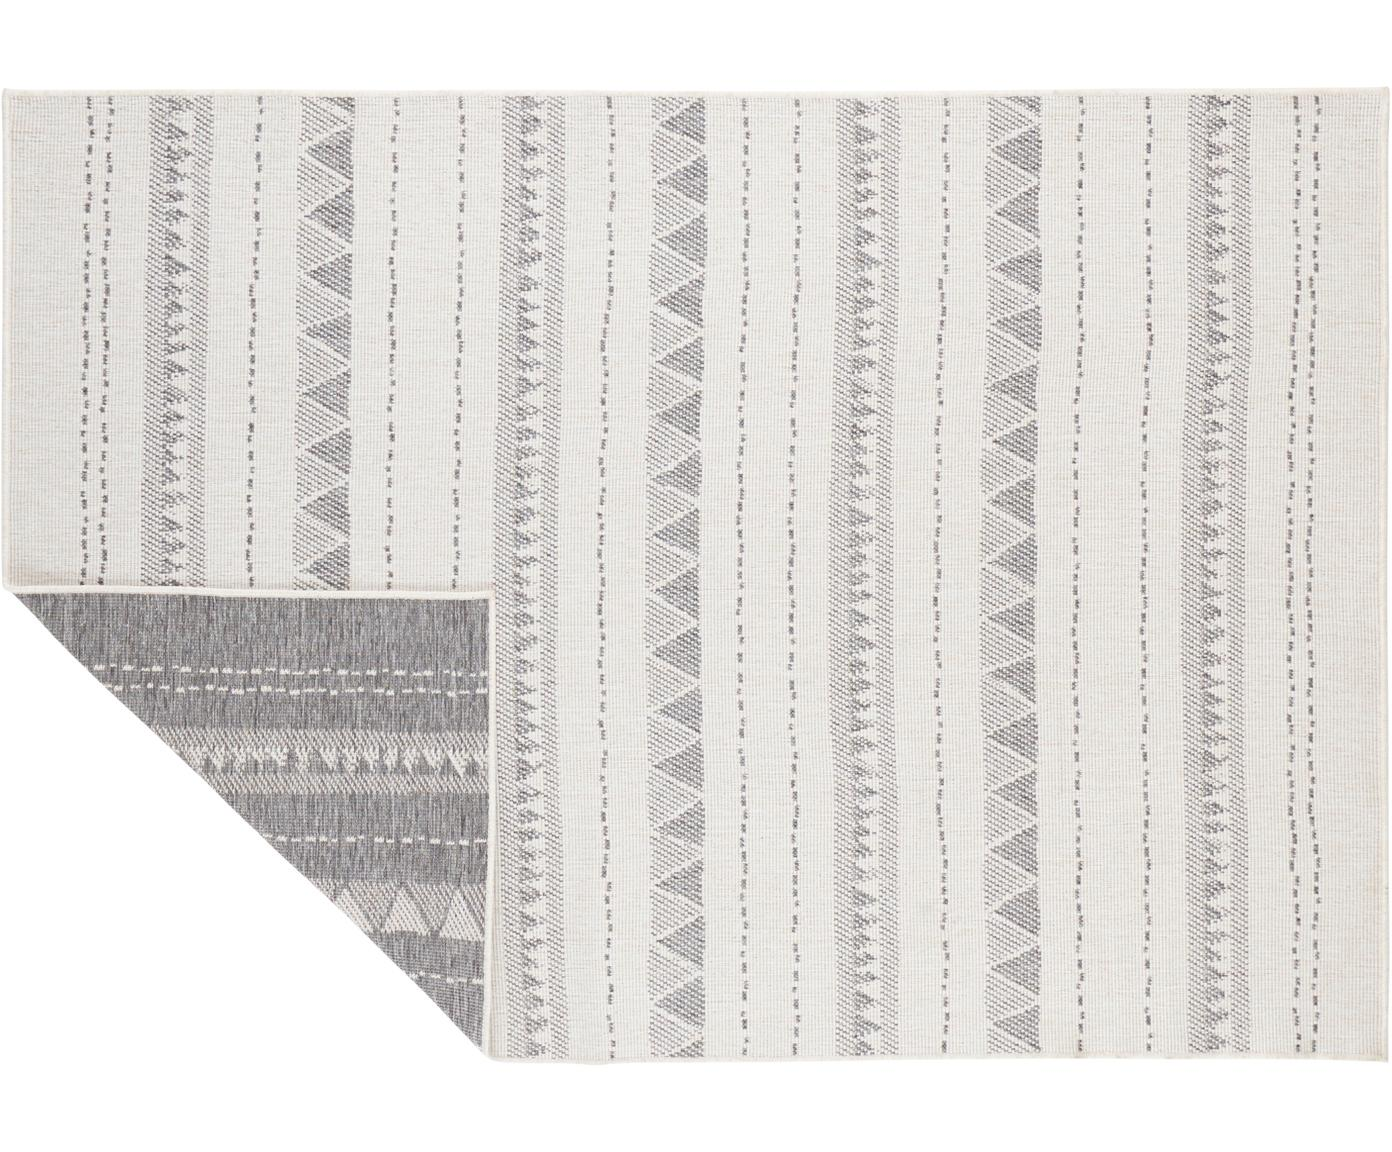 Dubbelzijdig in- en outdoor vloerkleed Bahamas in grijs/crèmekleur, Polypropyleen, Grijs, crèmekleurig, B 120 x L 170 cm (maat S)